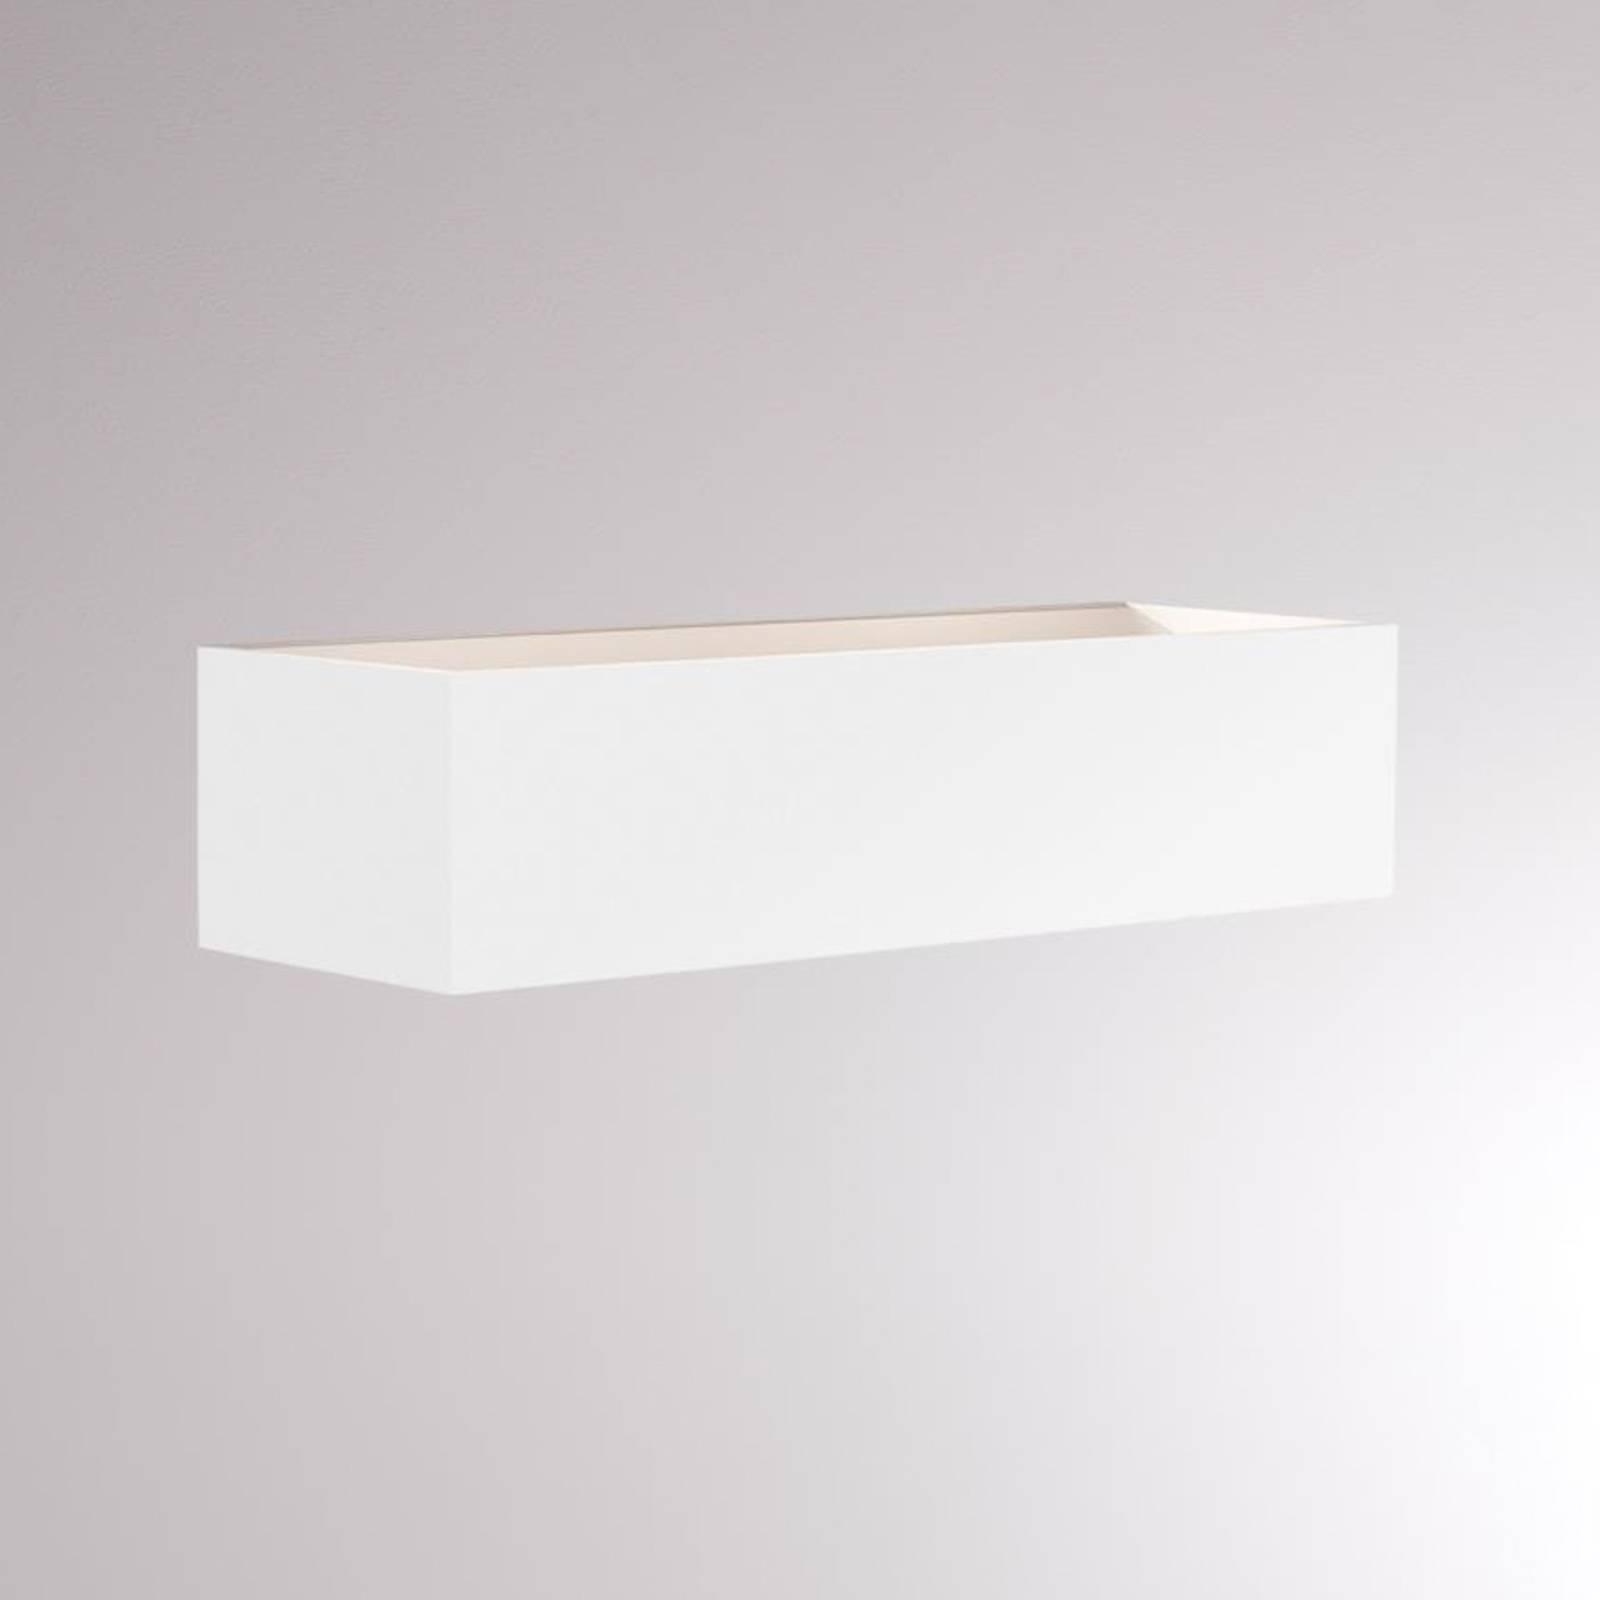 LOUM Foro -LED-seinävalaisin 2700K 30 cm valkoinen